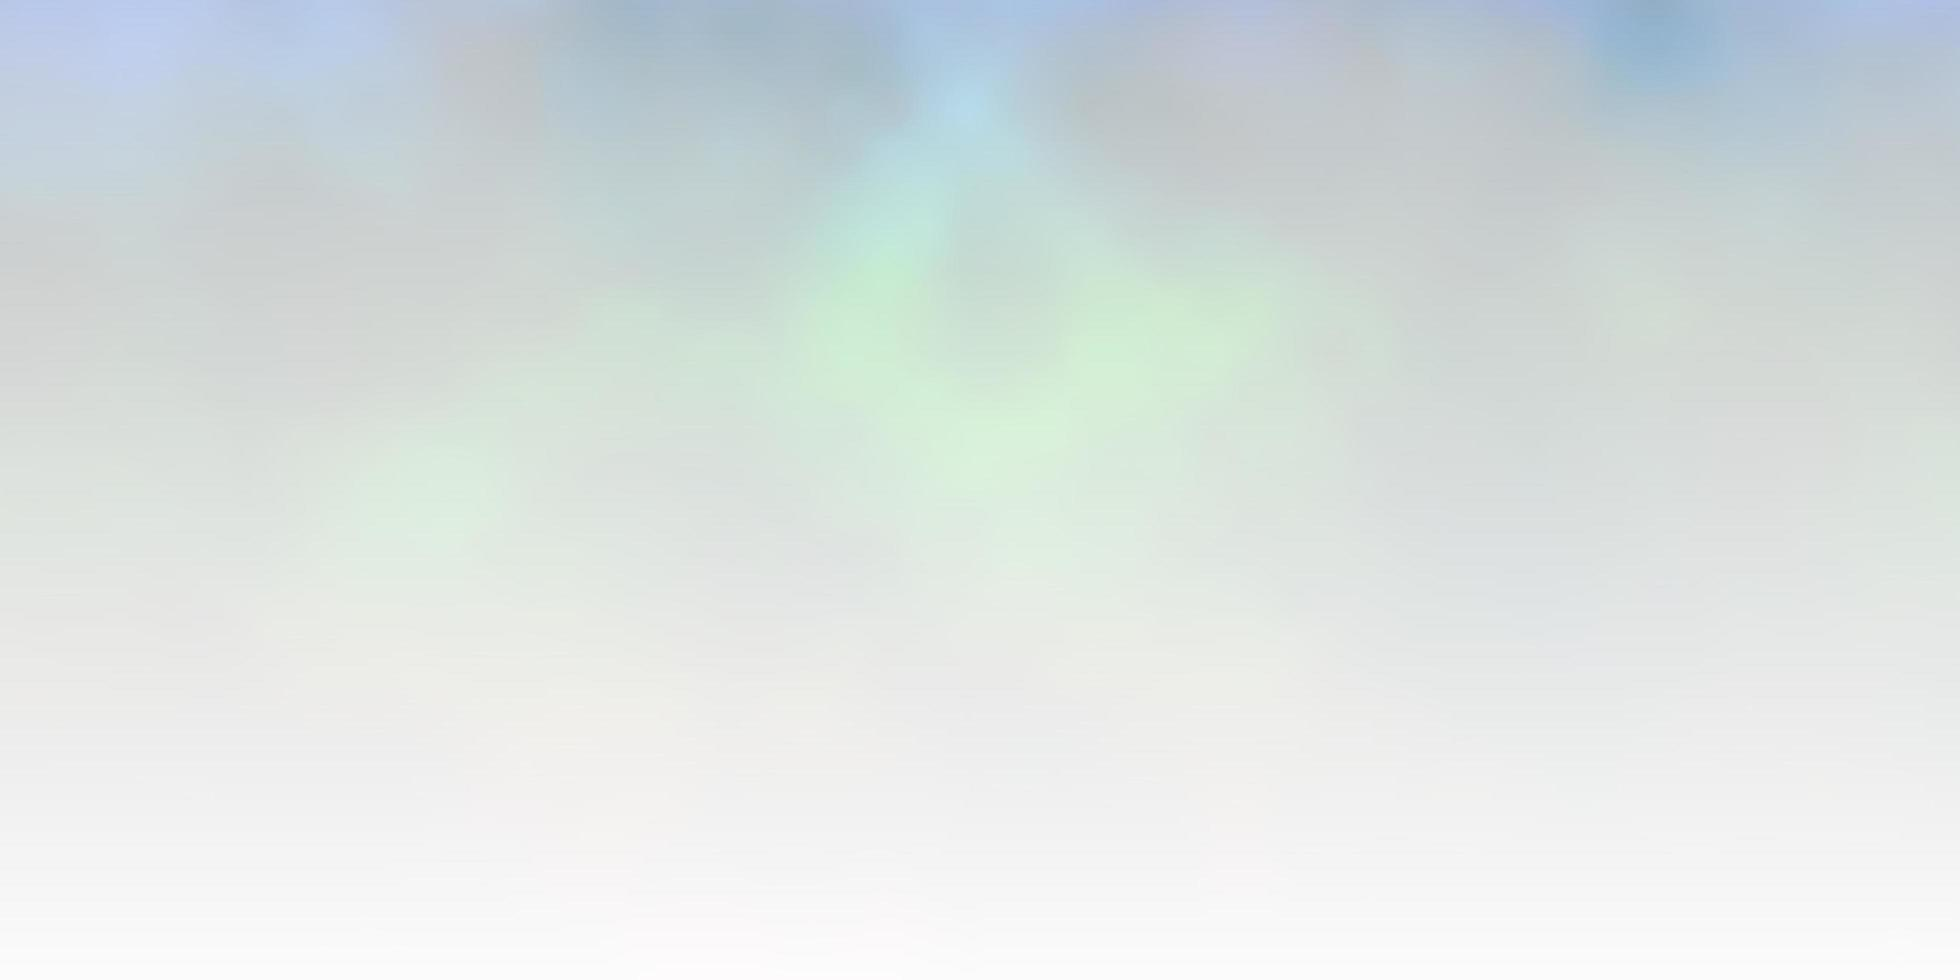 diseño de vector multicolor oscuro con cloudscape.